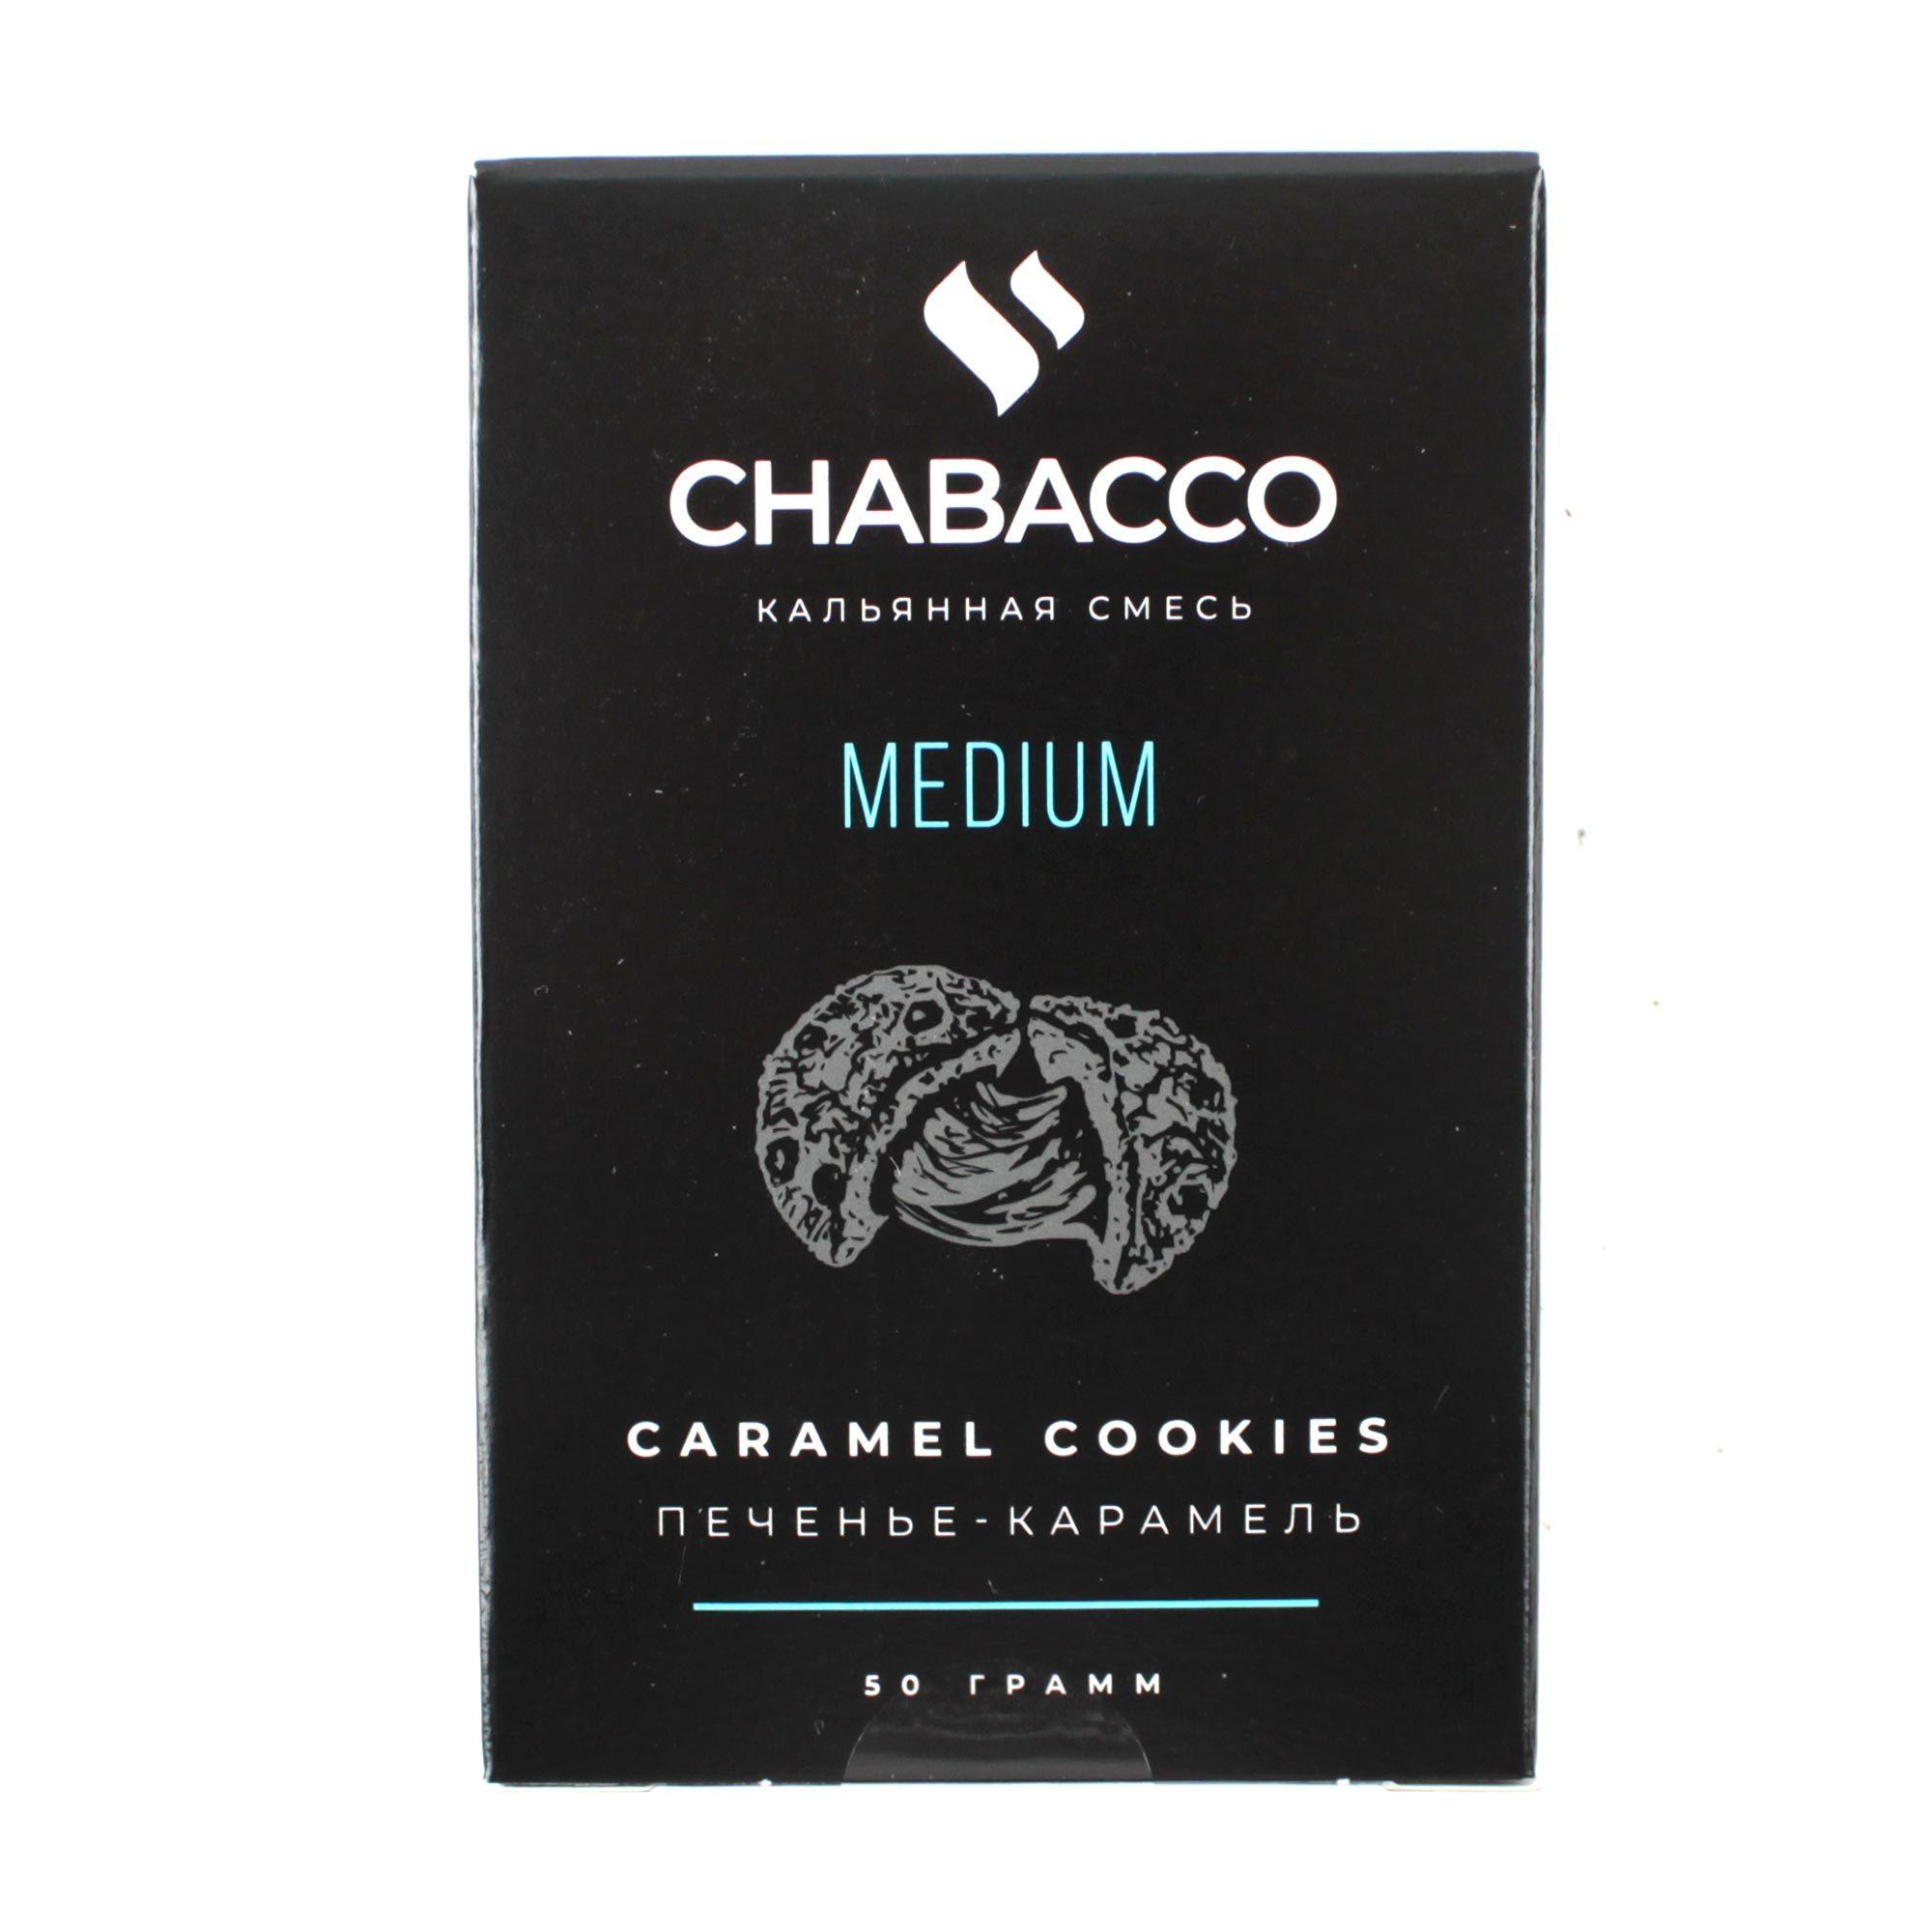 Кальянная смесь Chabacco Medium 50 гр Caramel Cookies